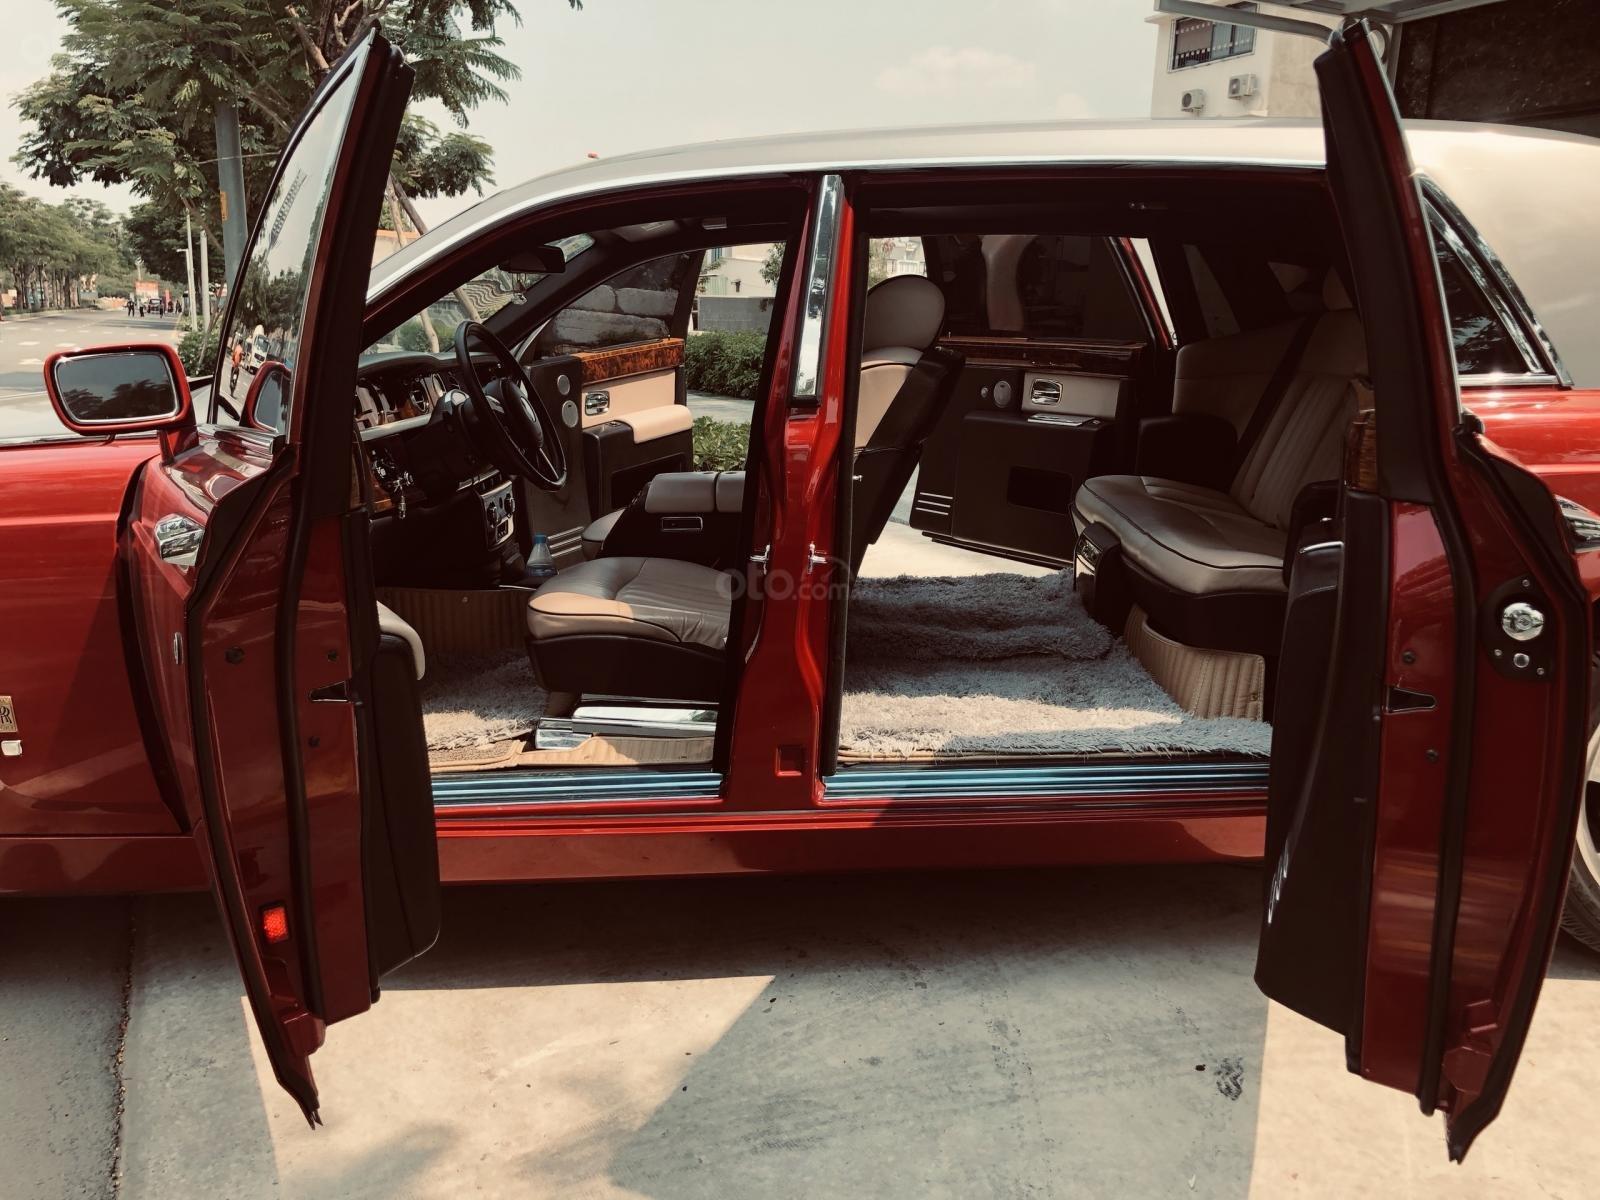 Bán xe Roll Royce Phantom LWB, bản thùng dài hiếm nhất Việt Nam, đăng kí lần đầu 2011 (2)